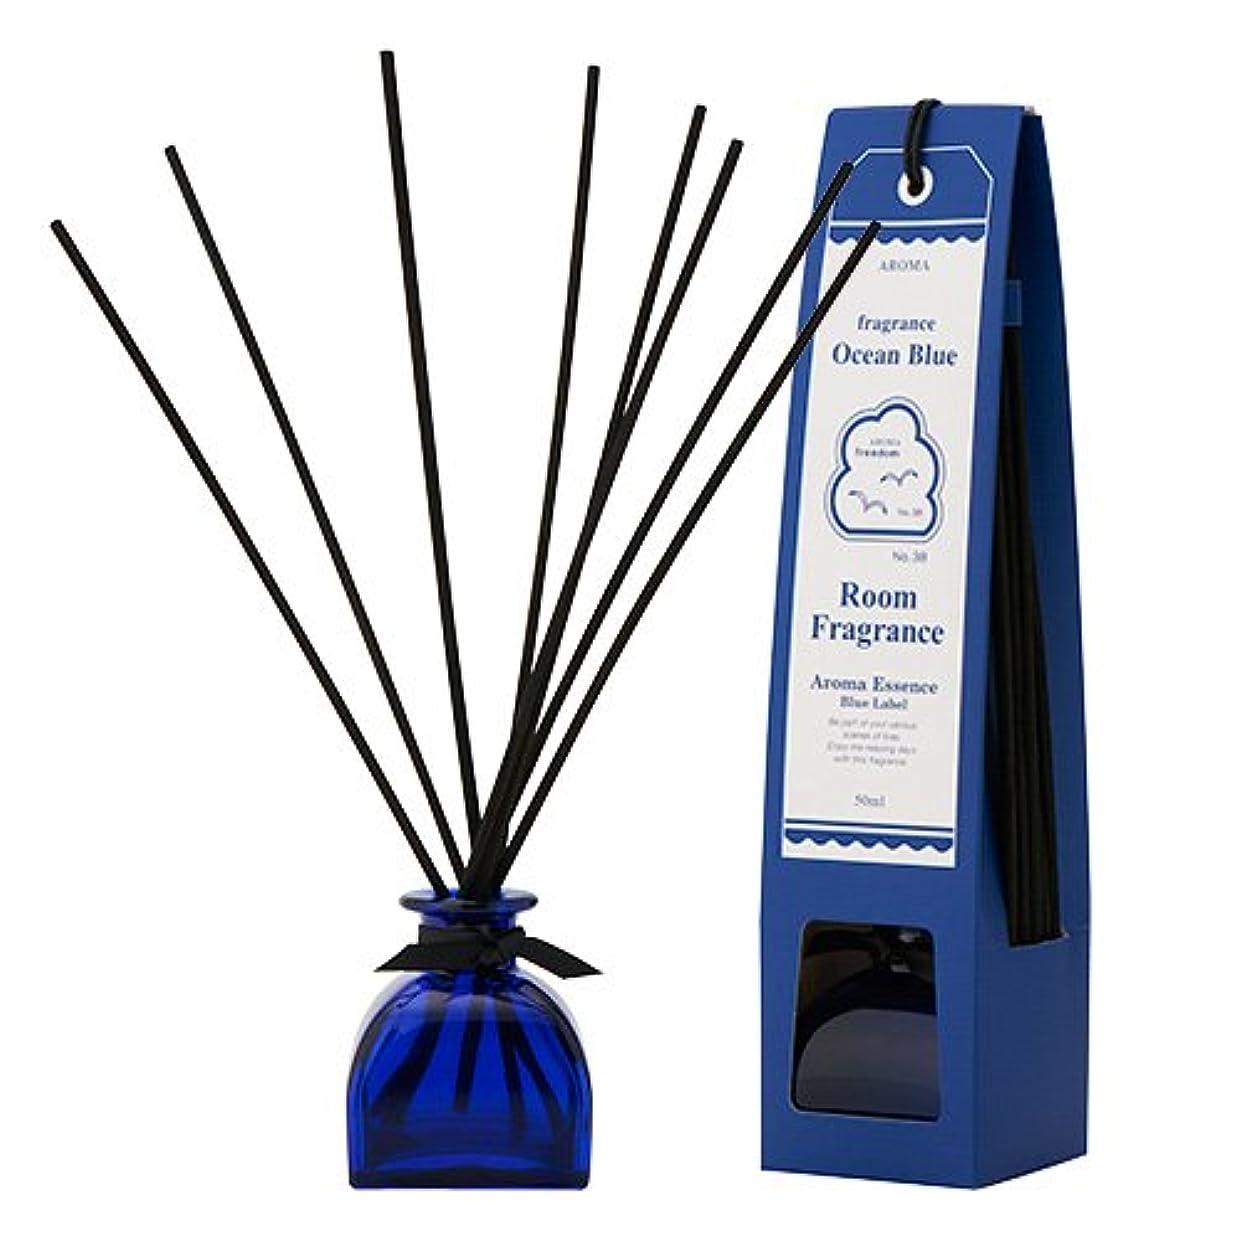 落胆させる耐える委任ブルーラベル ルームフレグランス オーシャンブルー 50ml(芳香剤 リードディフューザー 海の爽快さを思い出させる香り)